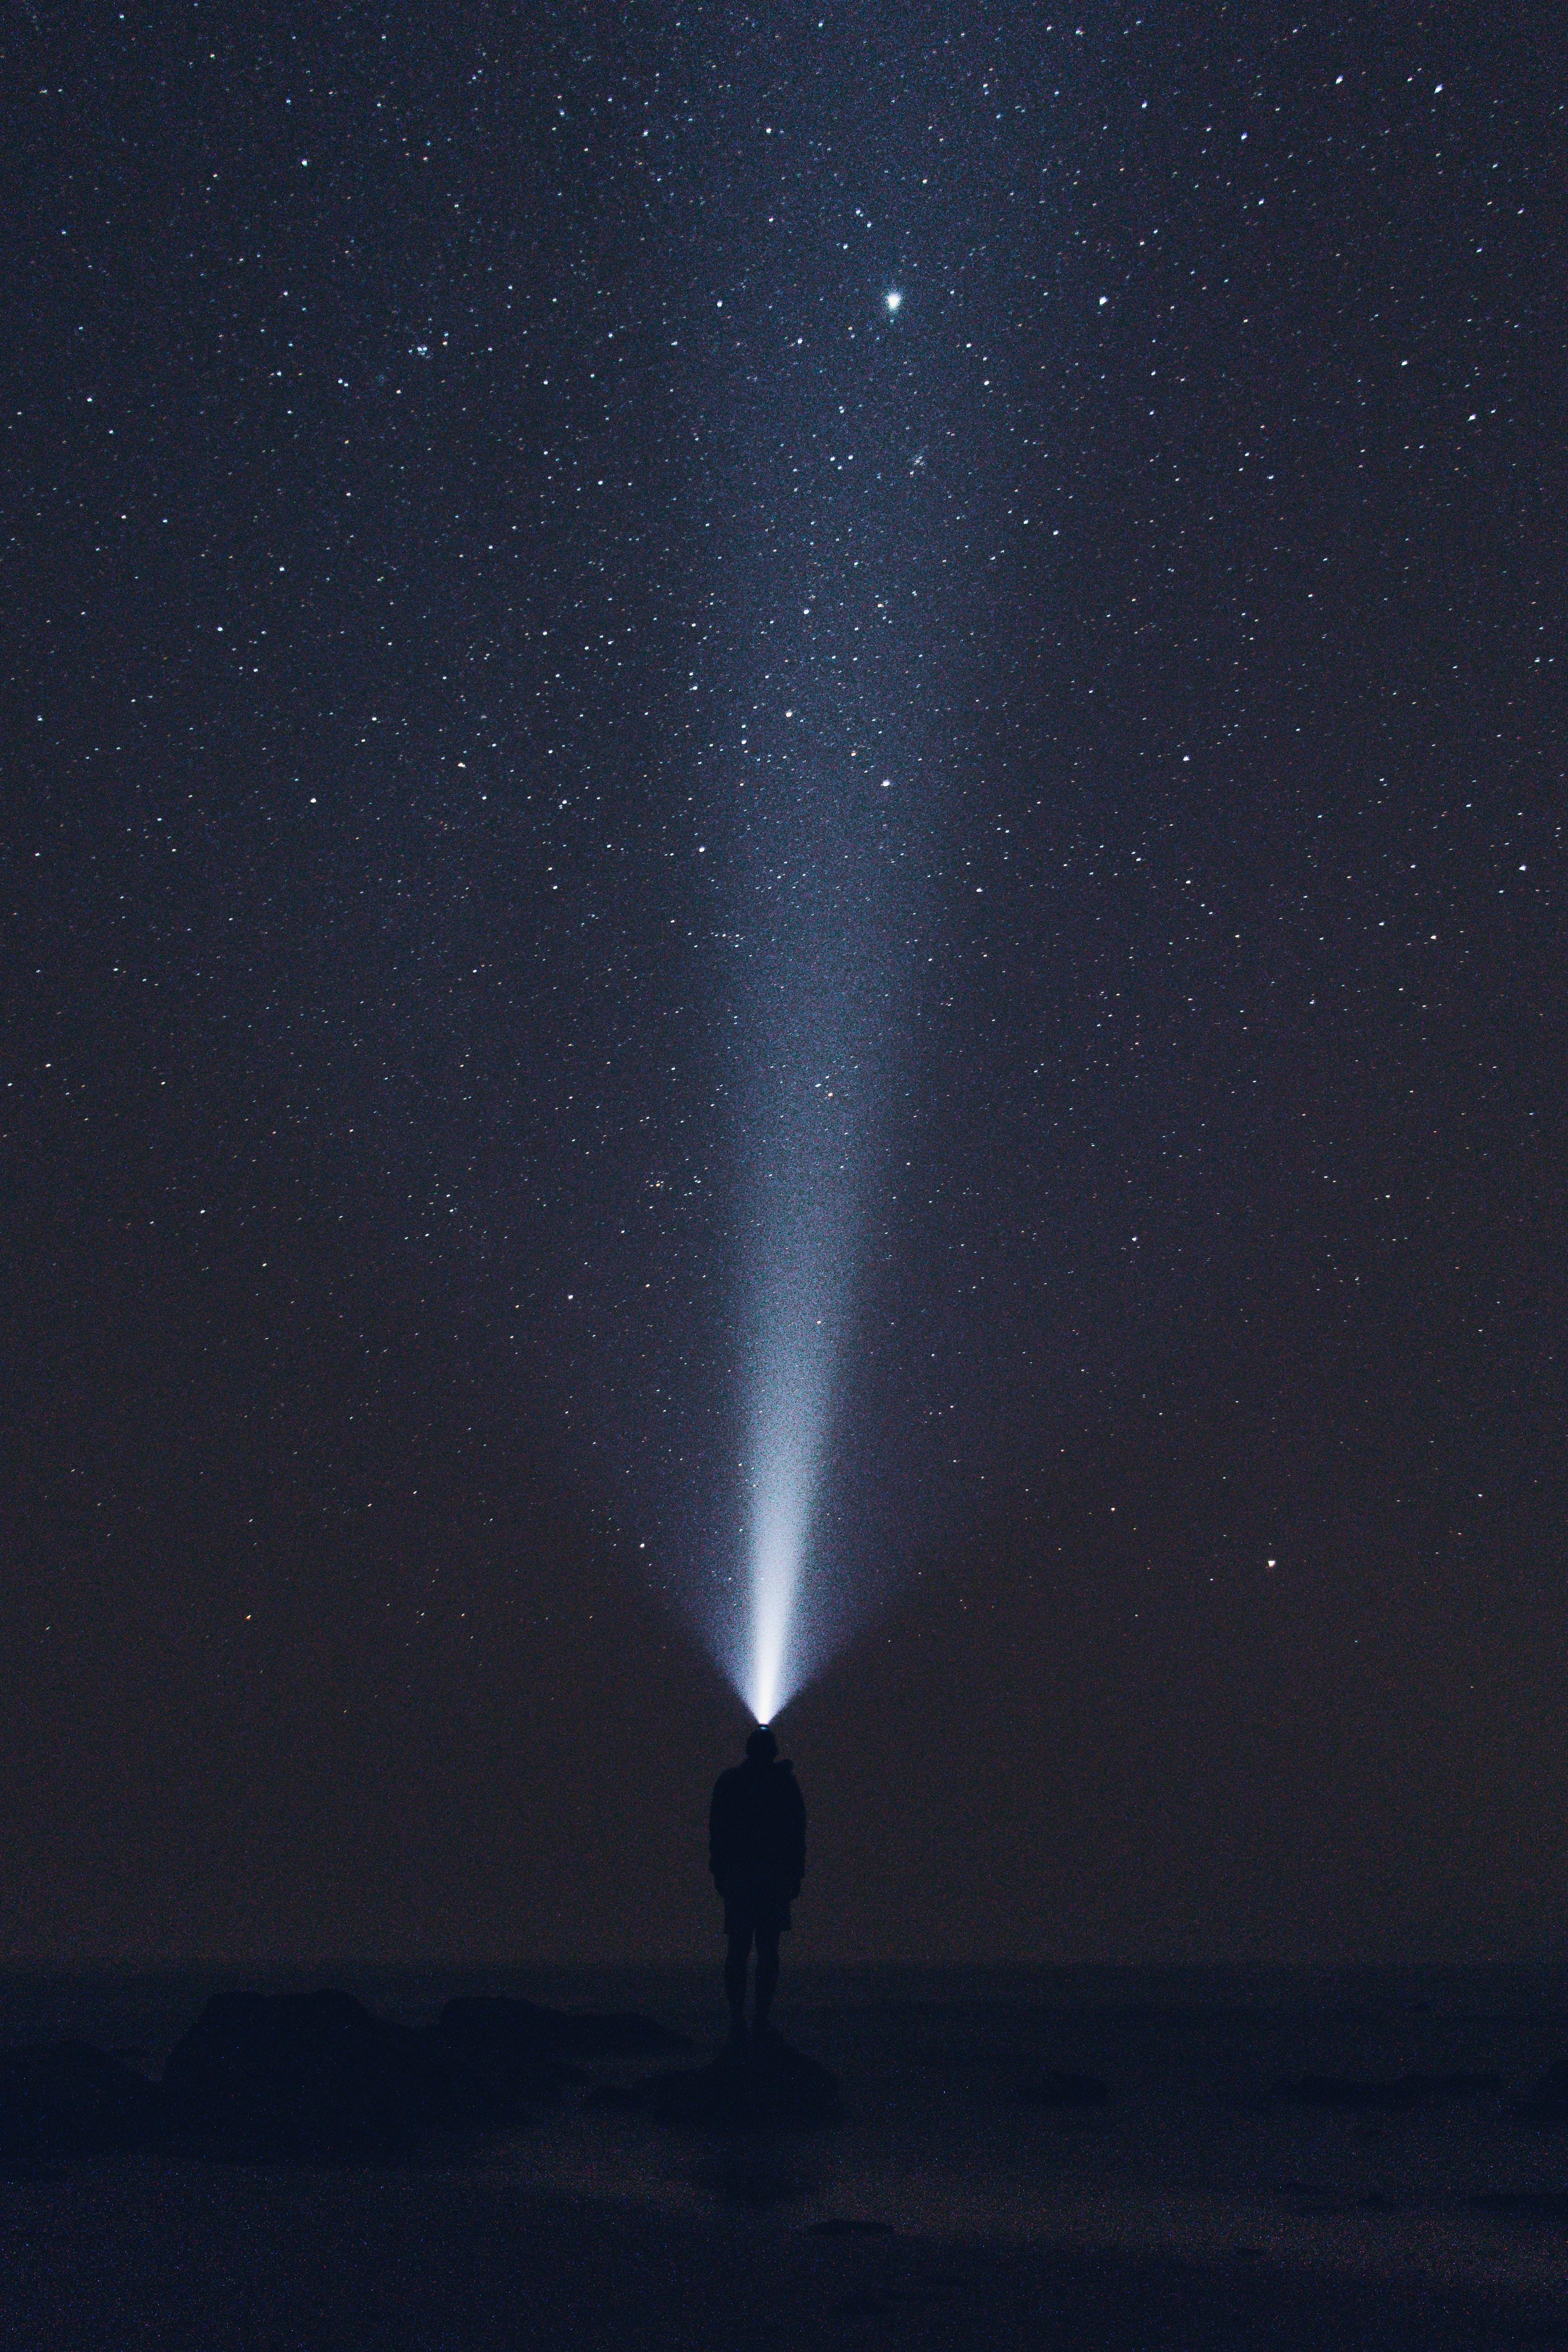 silhouette of man wearing headlamp during nighttime